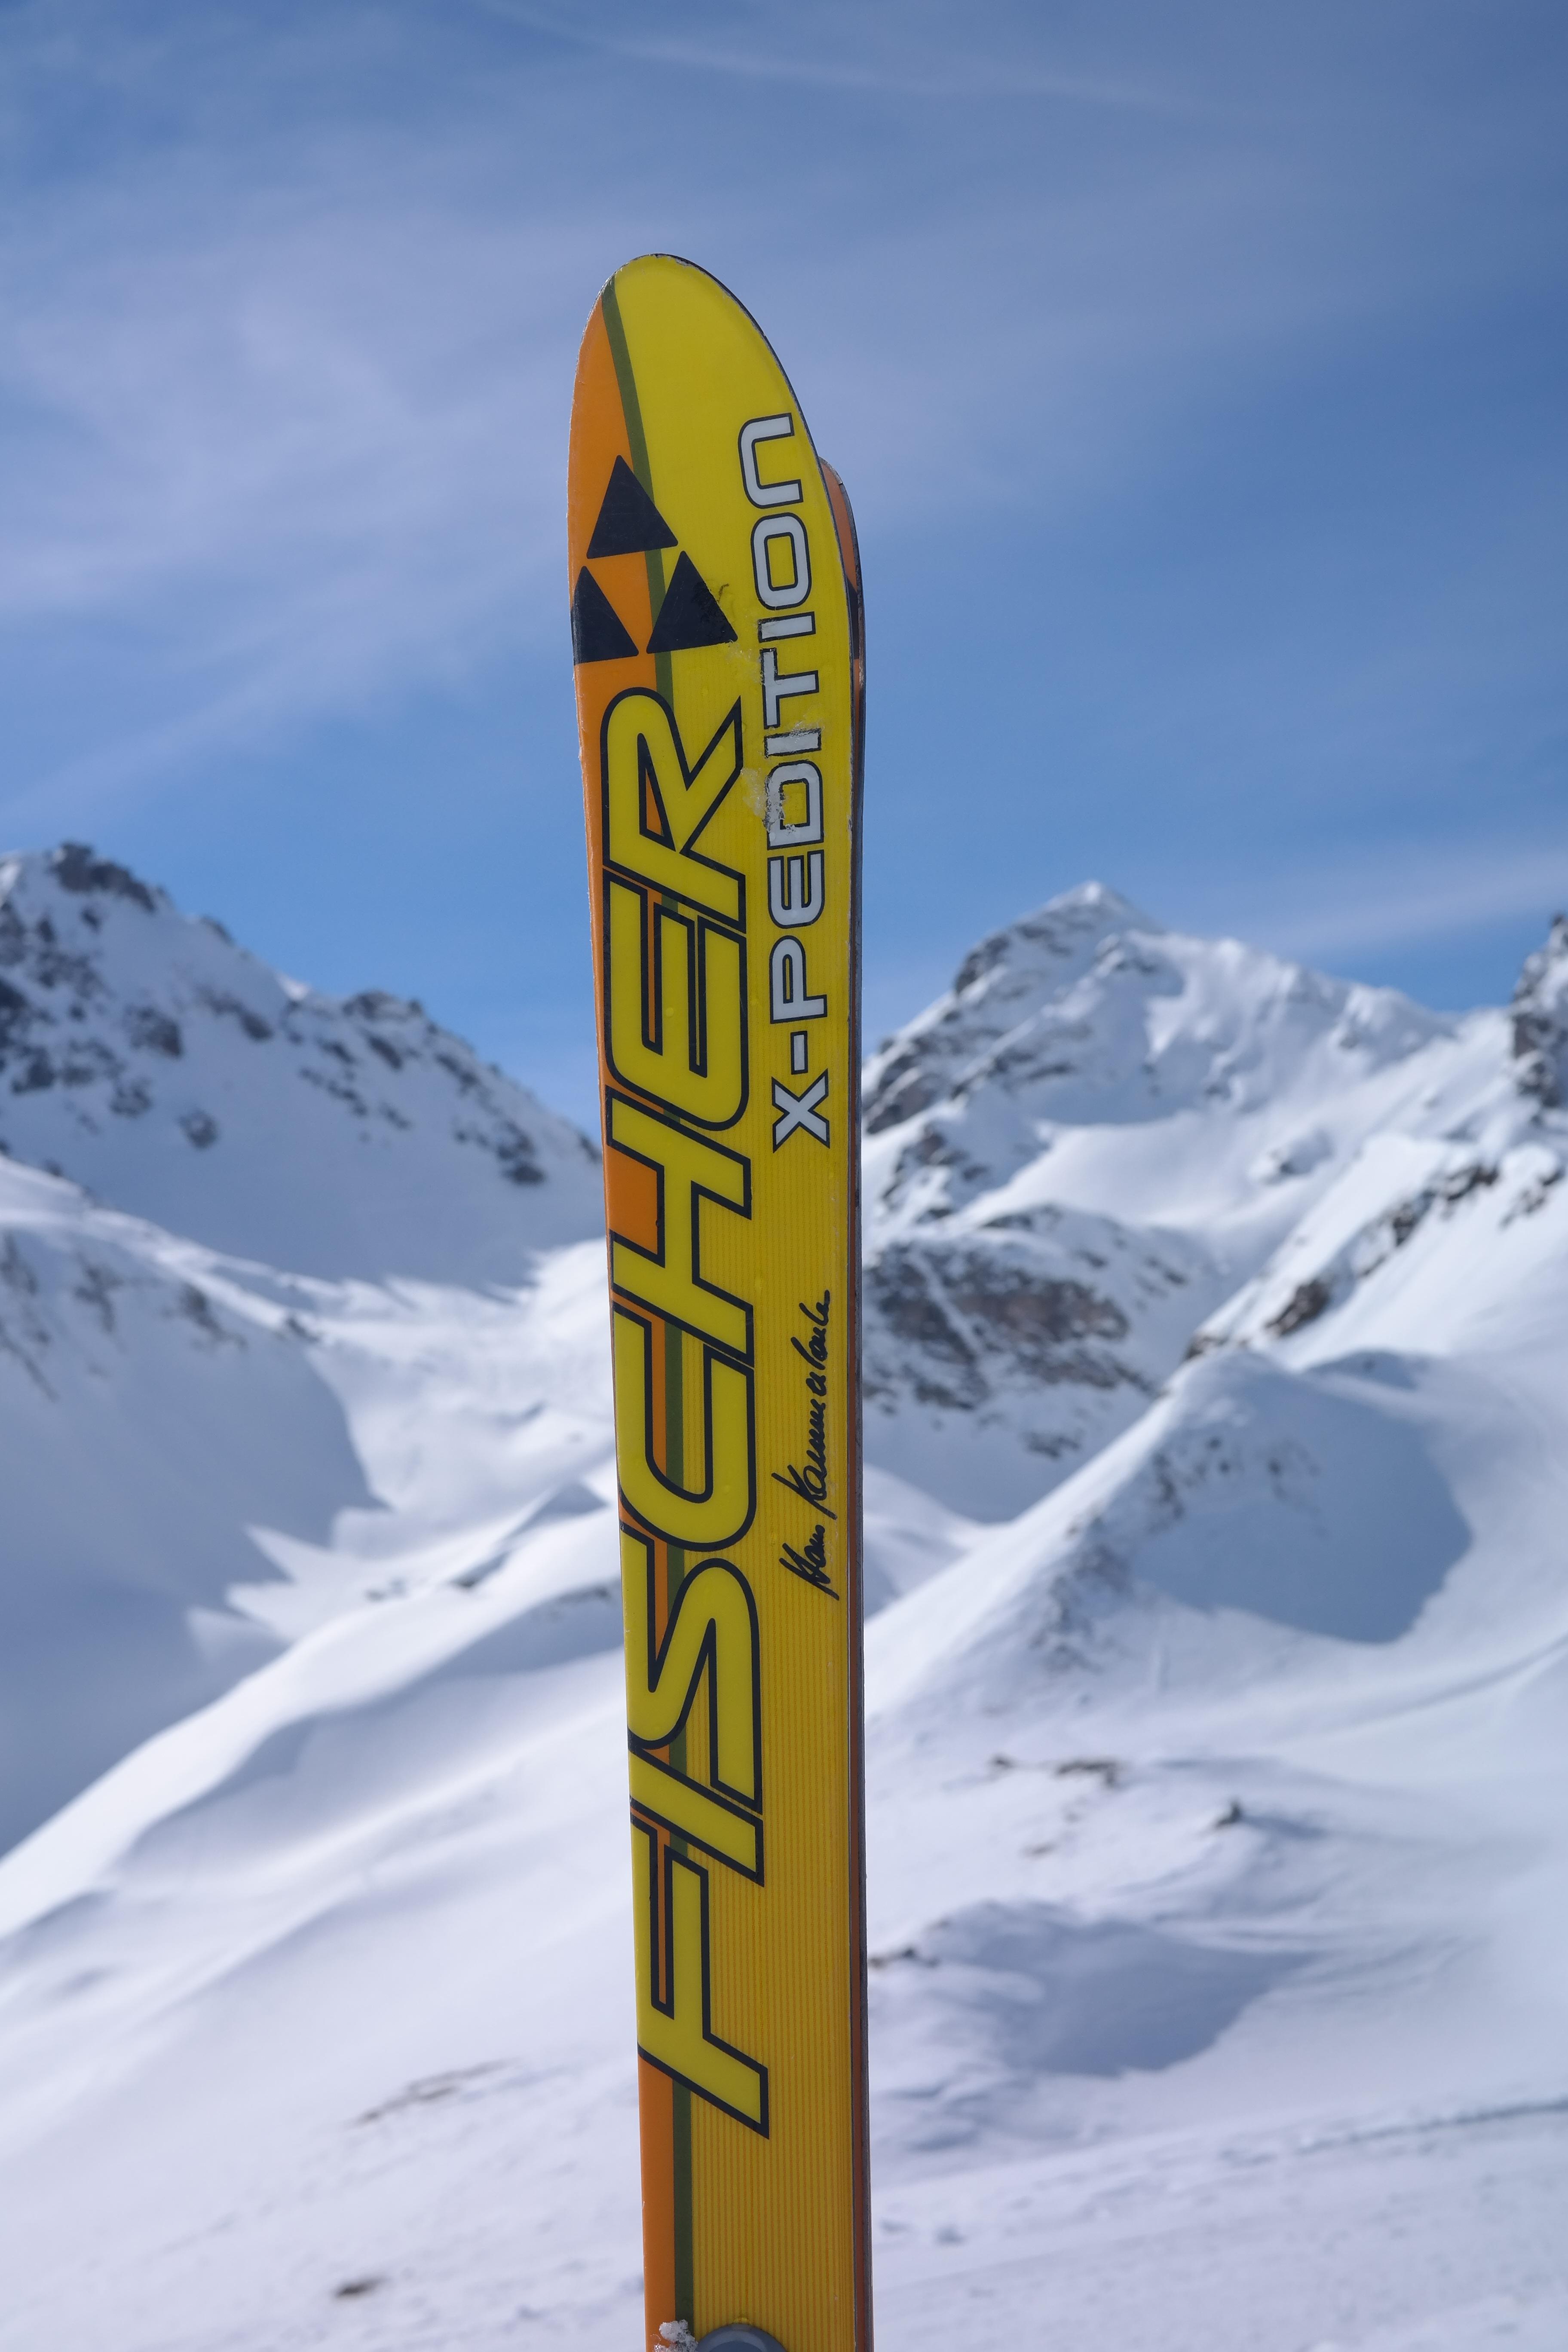 ... горнолыжный спорт, спортивный инвентарь, зимний вид спорта, Спуск,  катание на сноуборде, Фишер, Лыжная зона, Лыжное снаряжение, Туристические  лыжи, ... bd43c082b7f